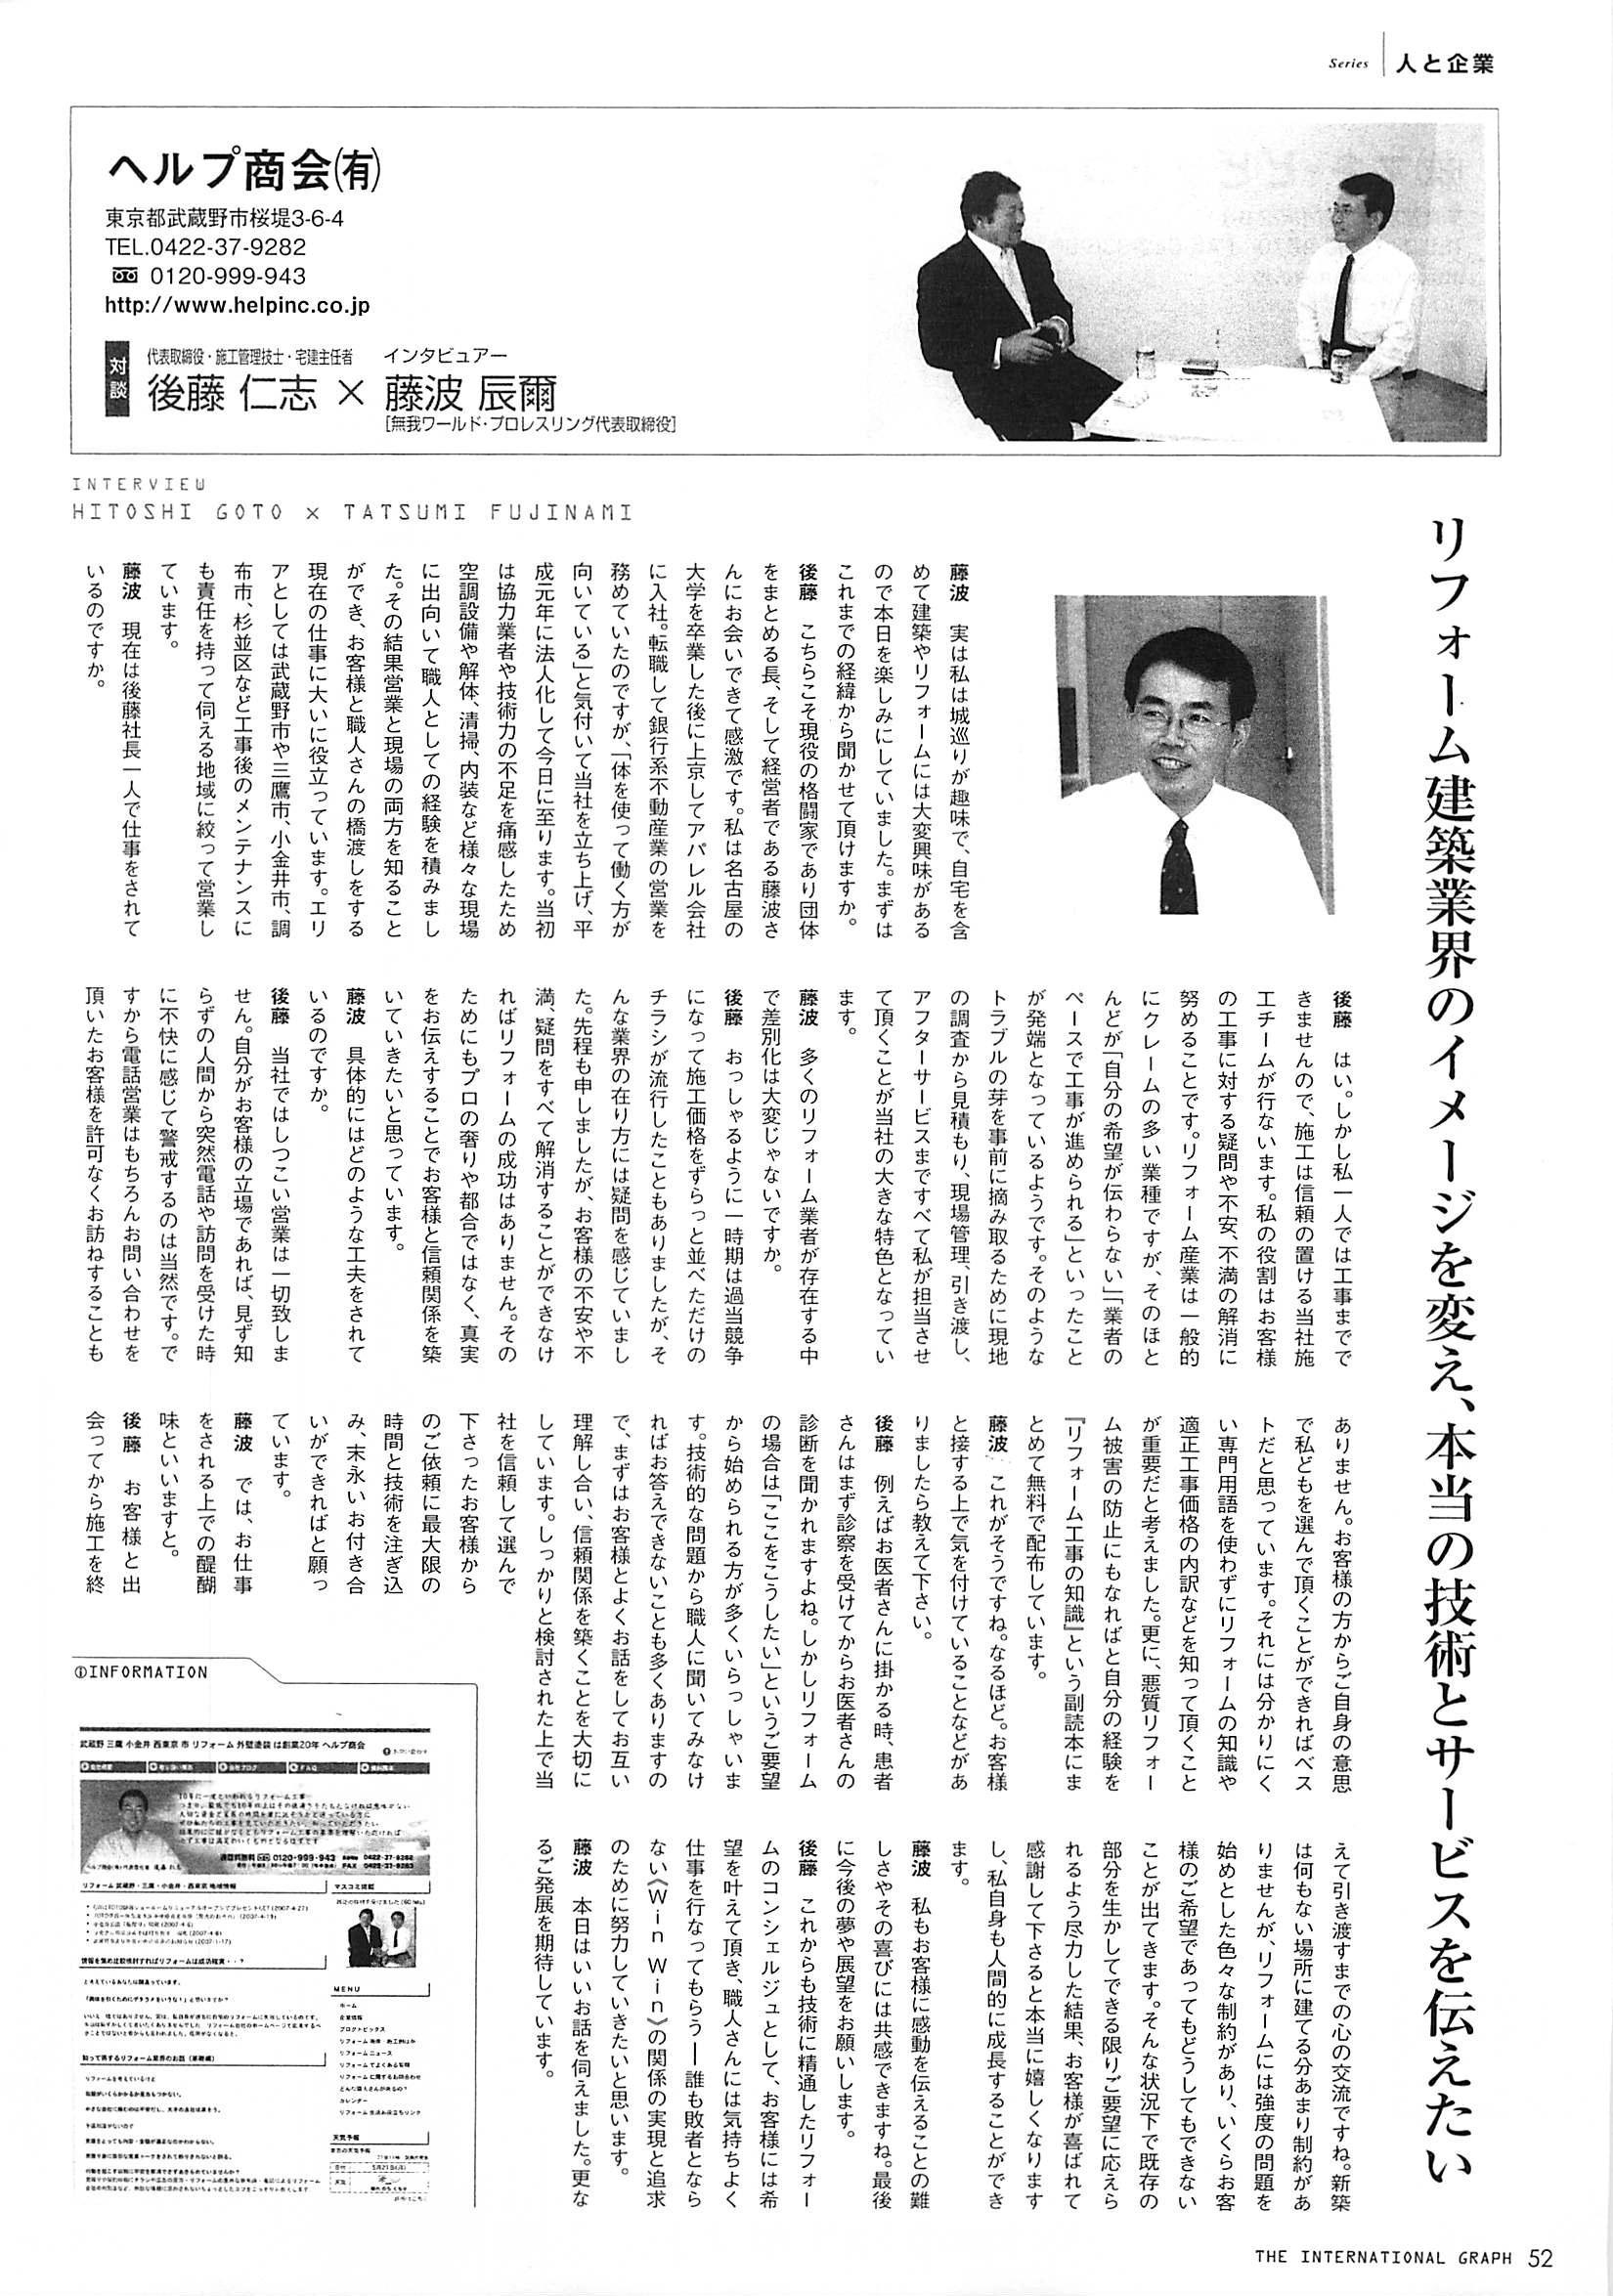 「人と企業」記事 対談内容